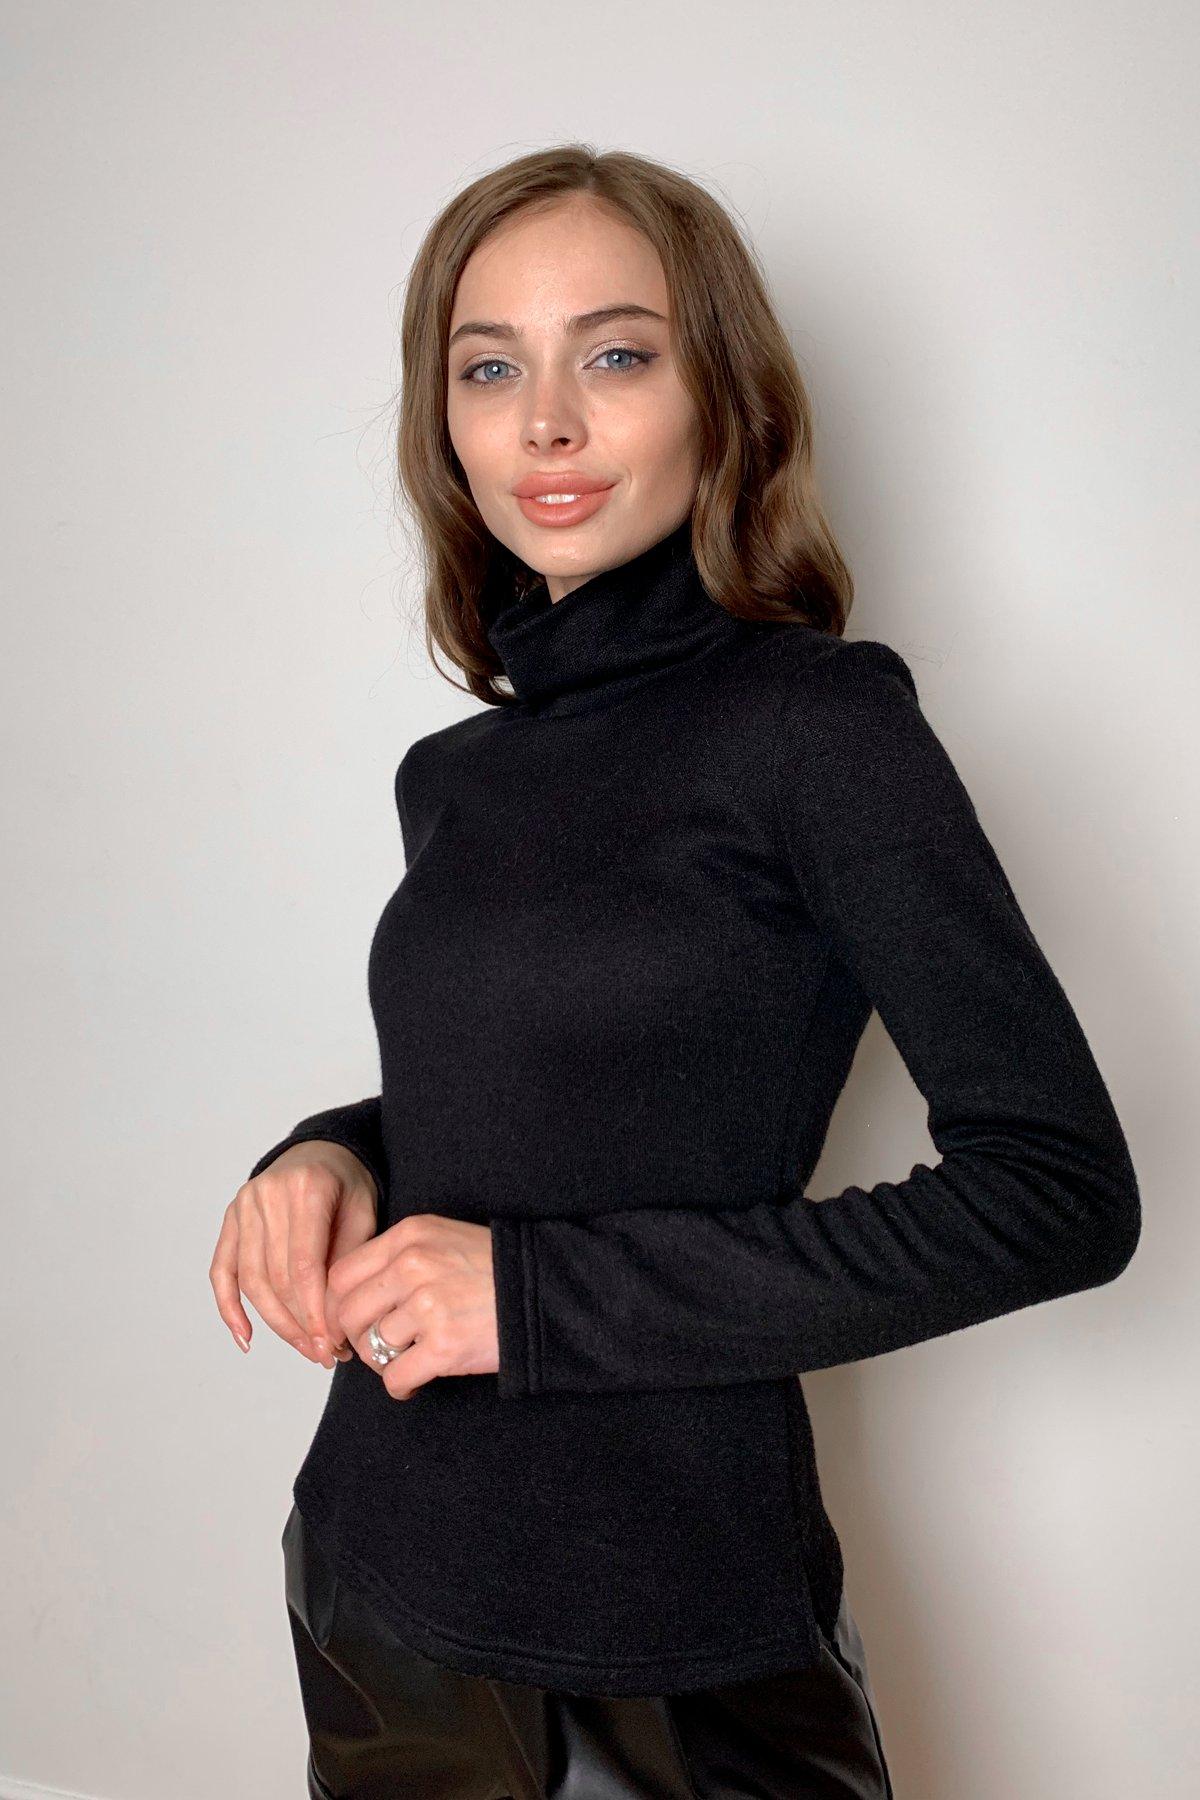 Лимбо трикотаж ангора гольф 10188 АРТ. 46481 Цвет: Черный - фото 1, интернет магазин tm-modus.ru